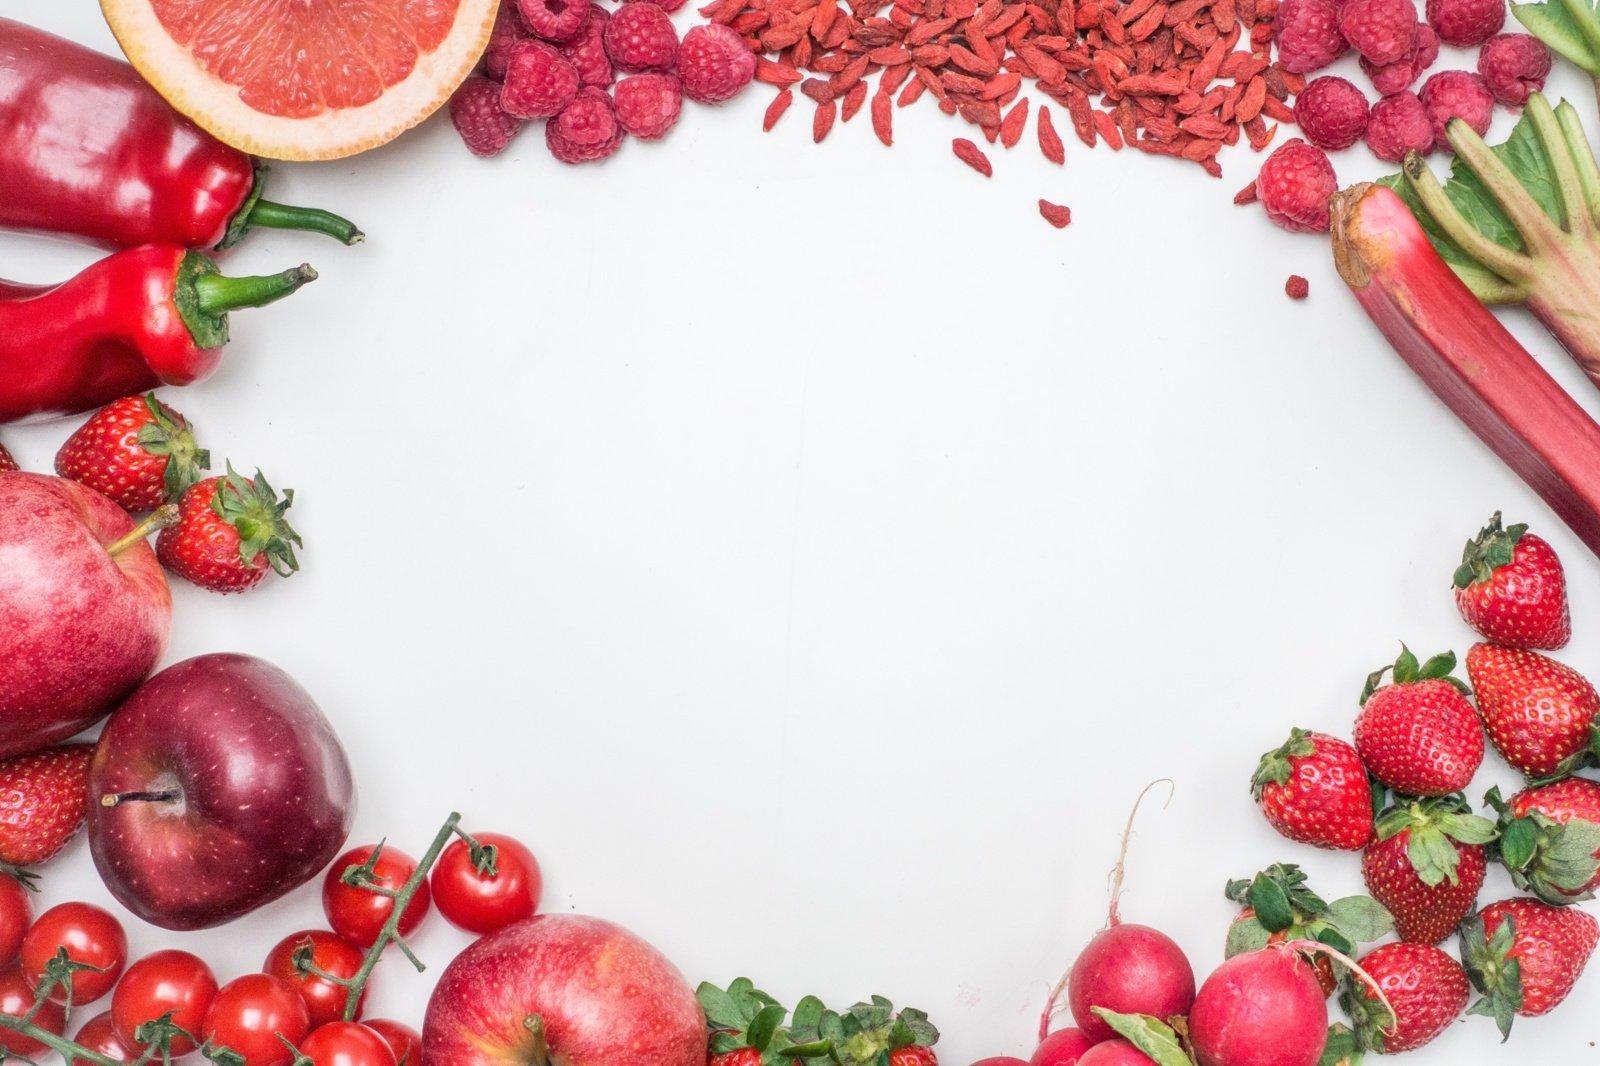 maisto produktams nuo hipertenzijos)